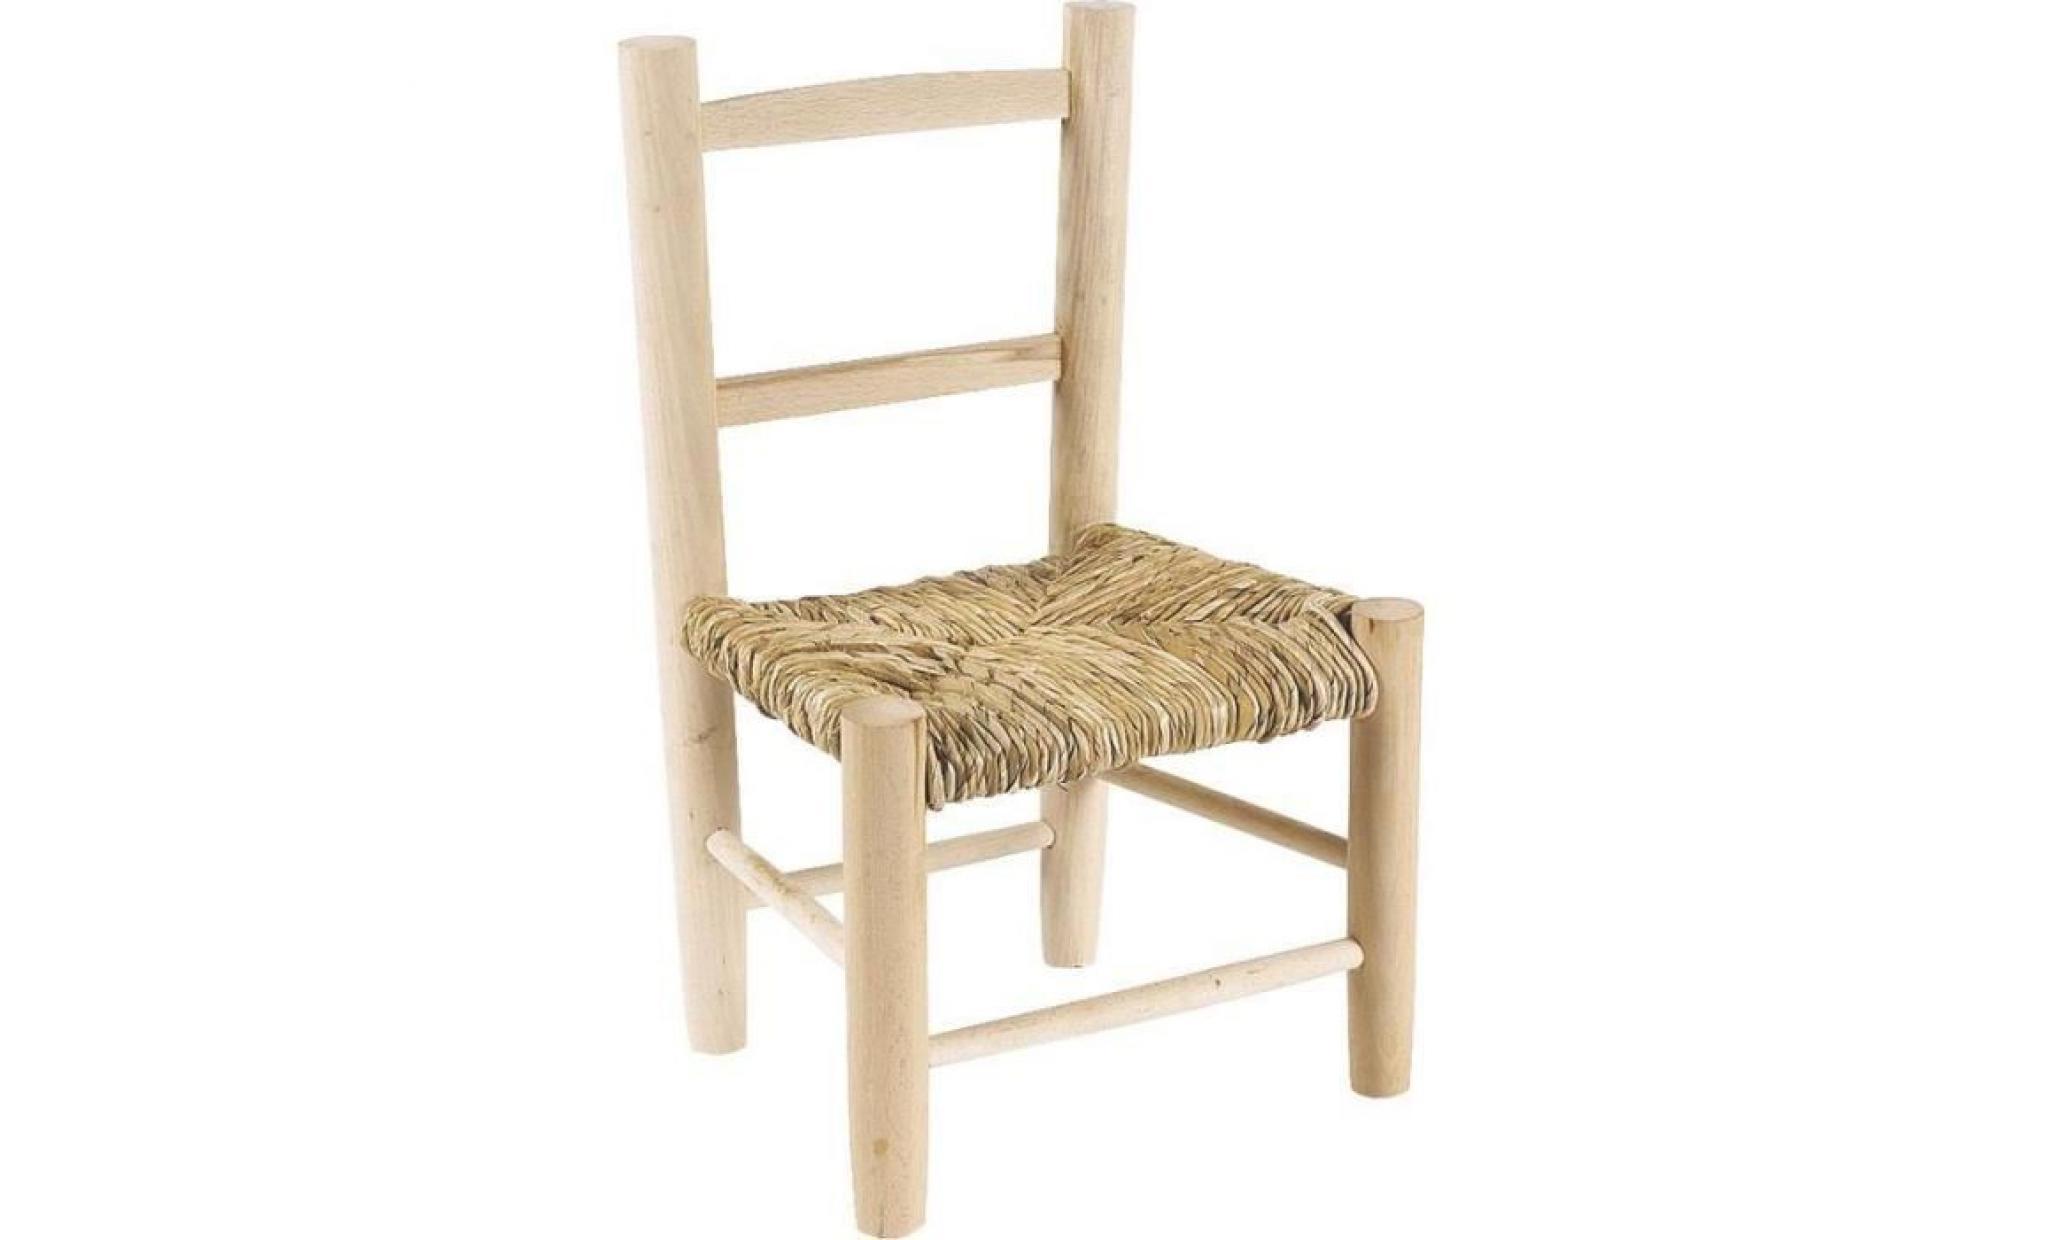 petite chaise bois pour enfant achat vente chaise salle a manger pas cher couleur et. Black Bedroom Furniture Sets. Home Design Ideas